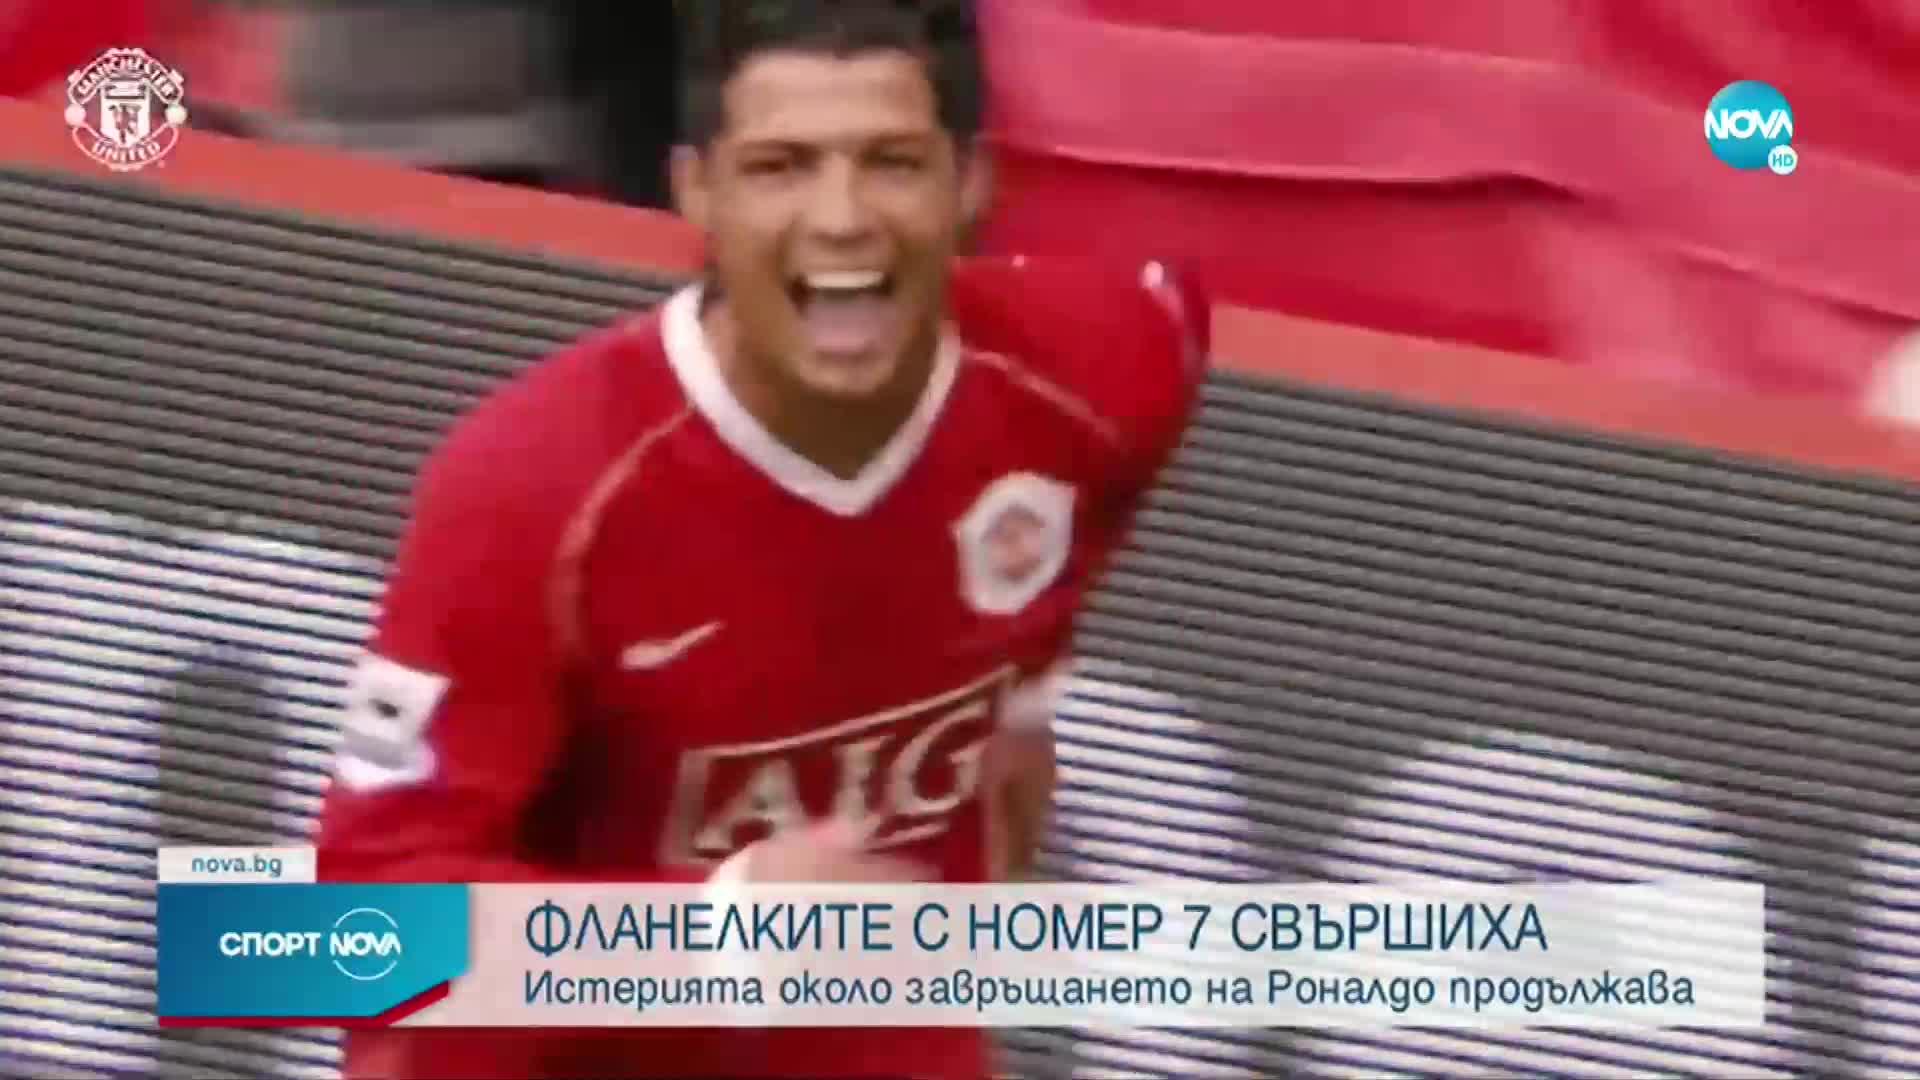 Феновете на Ман Юнайтед изкупиха фланелките на Роналдо